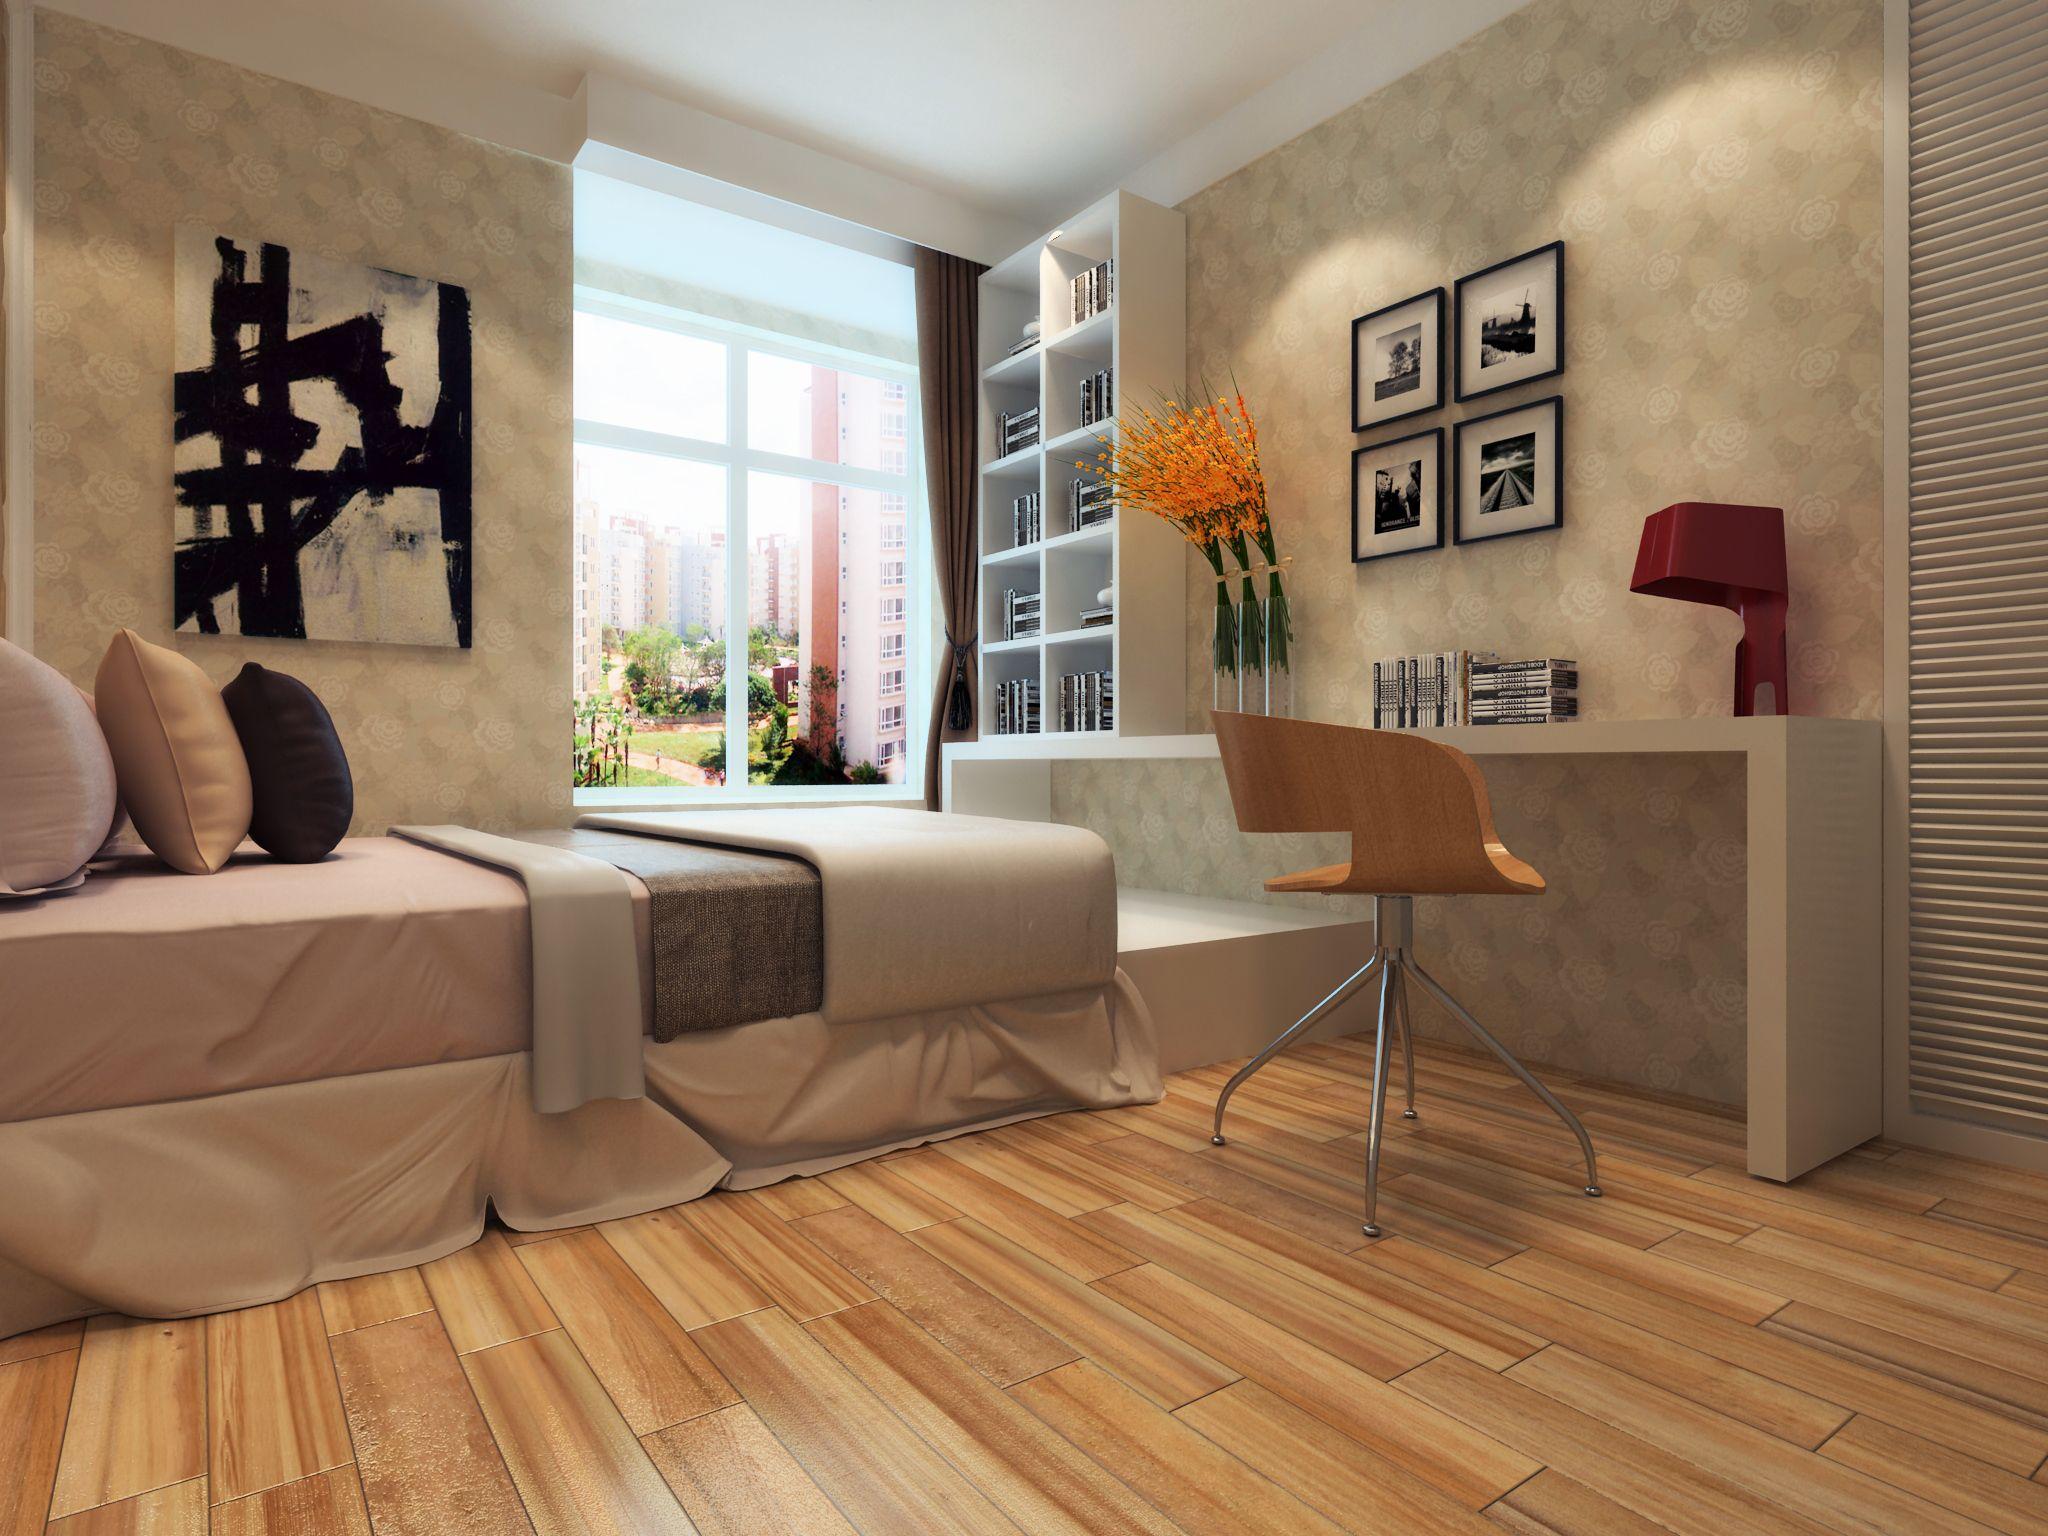 La madera cer mica similar al pino junto con la luz for Interceramic pisos